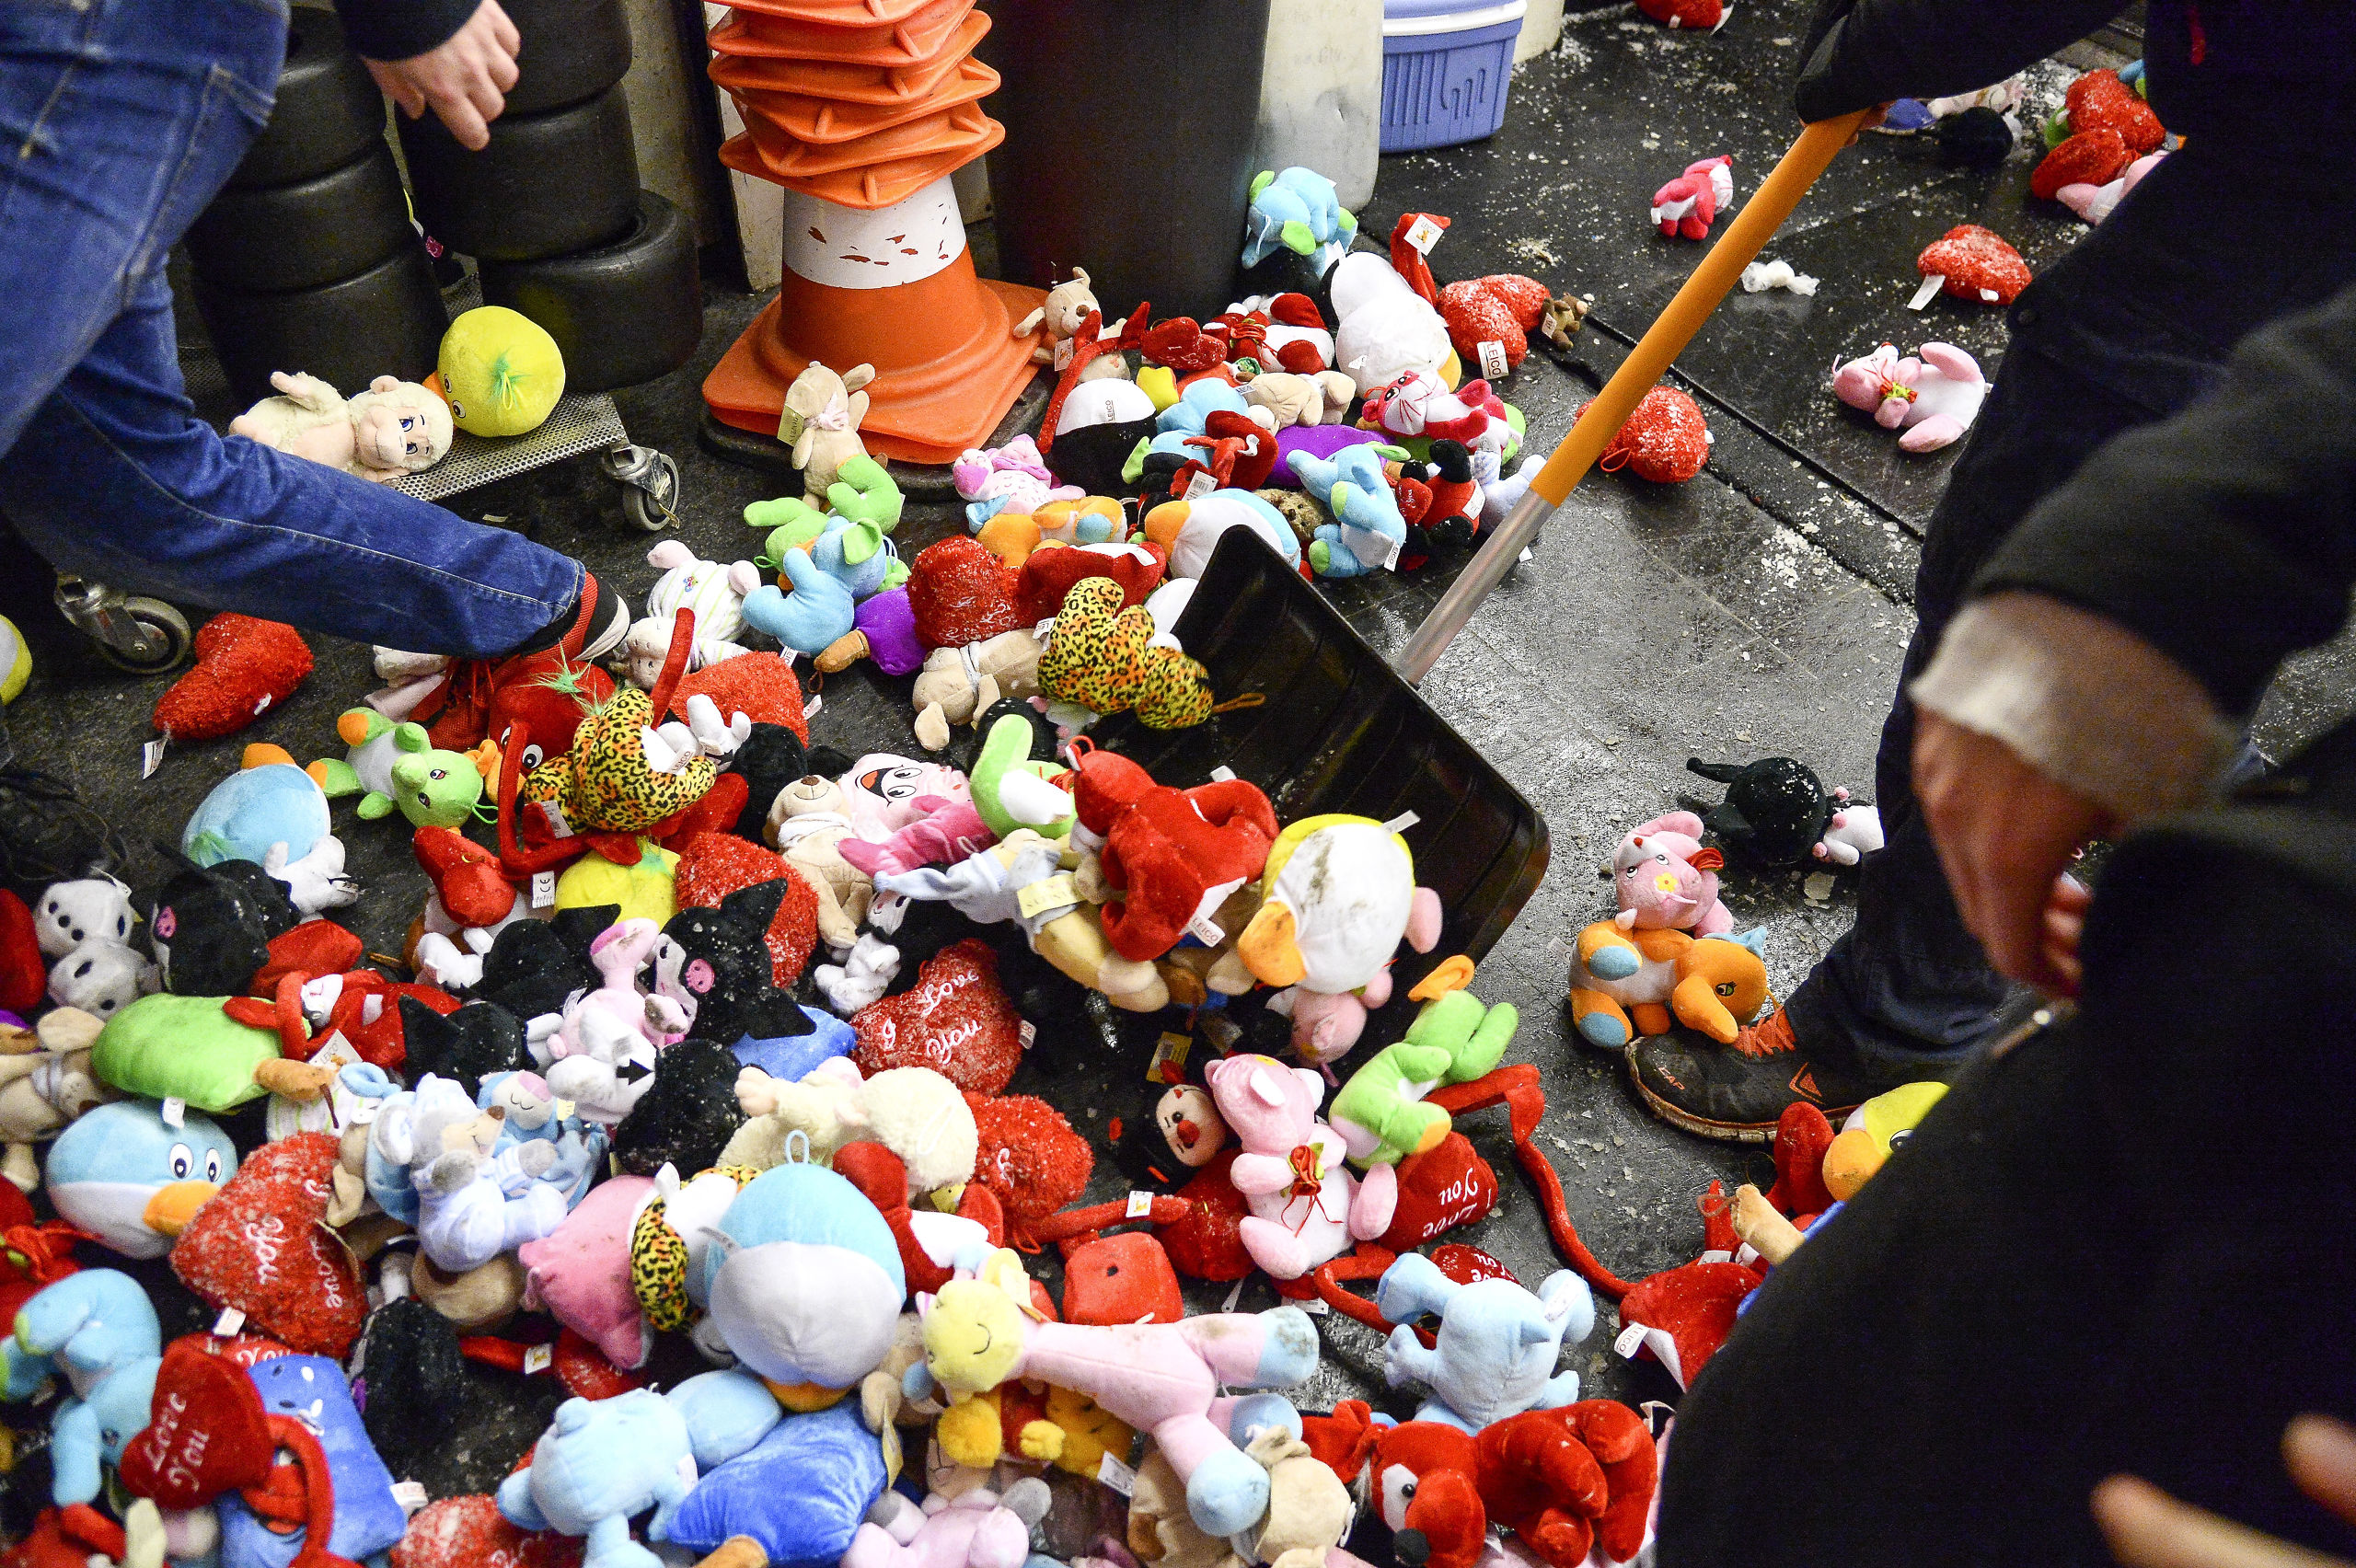 Ishockey: Kom og kast med bamser til fordel for syge børn